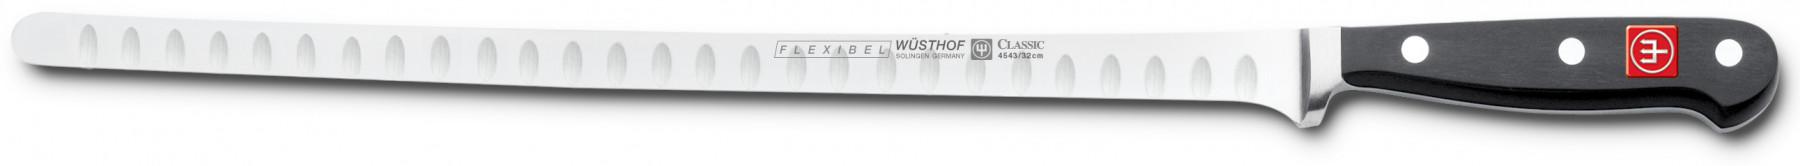 Wüsthof Dreizack Classic Lachsmesser mit Kullenschliff 32cm